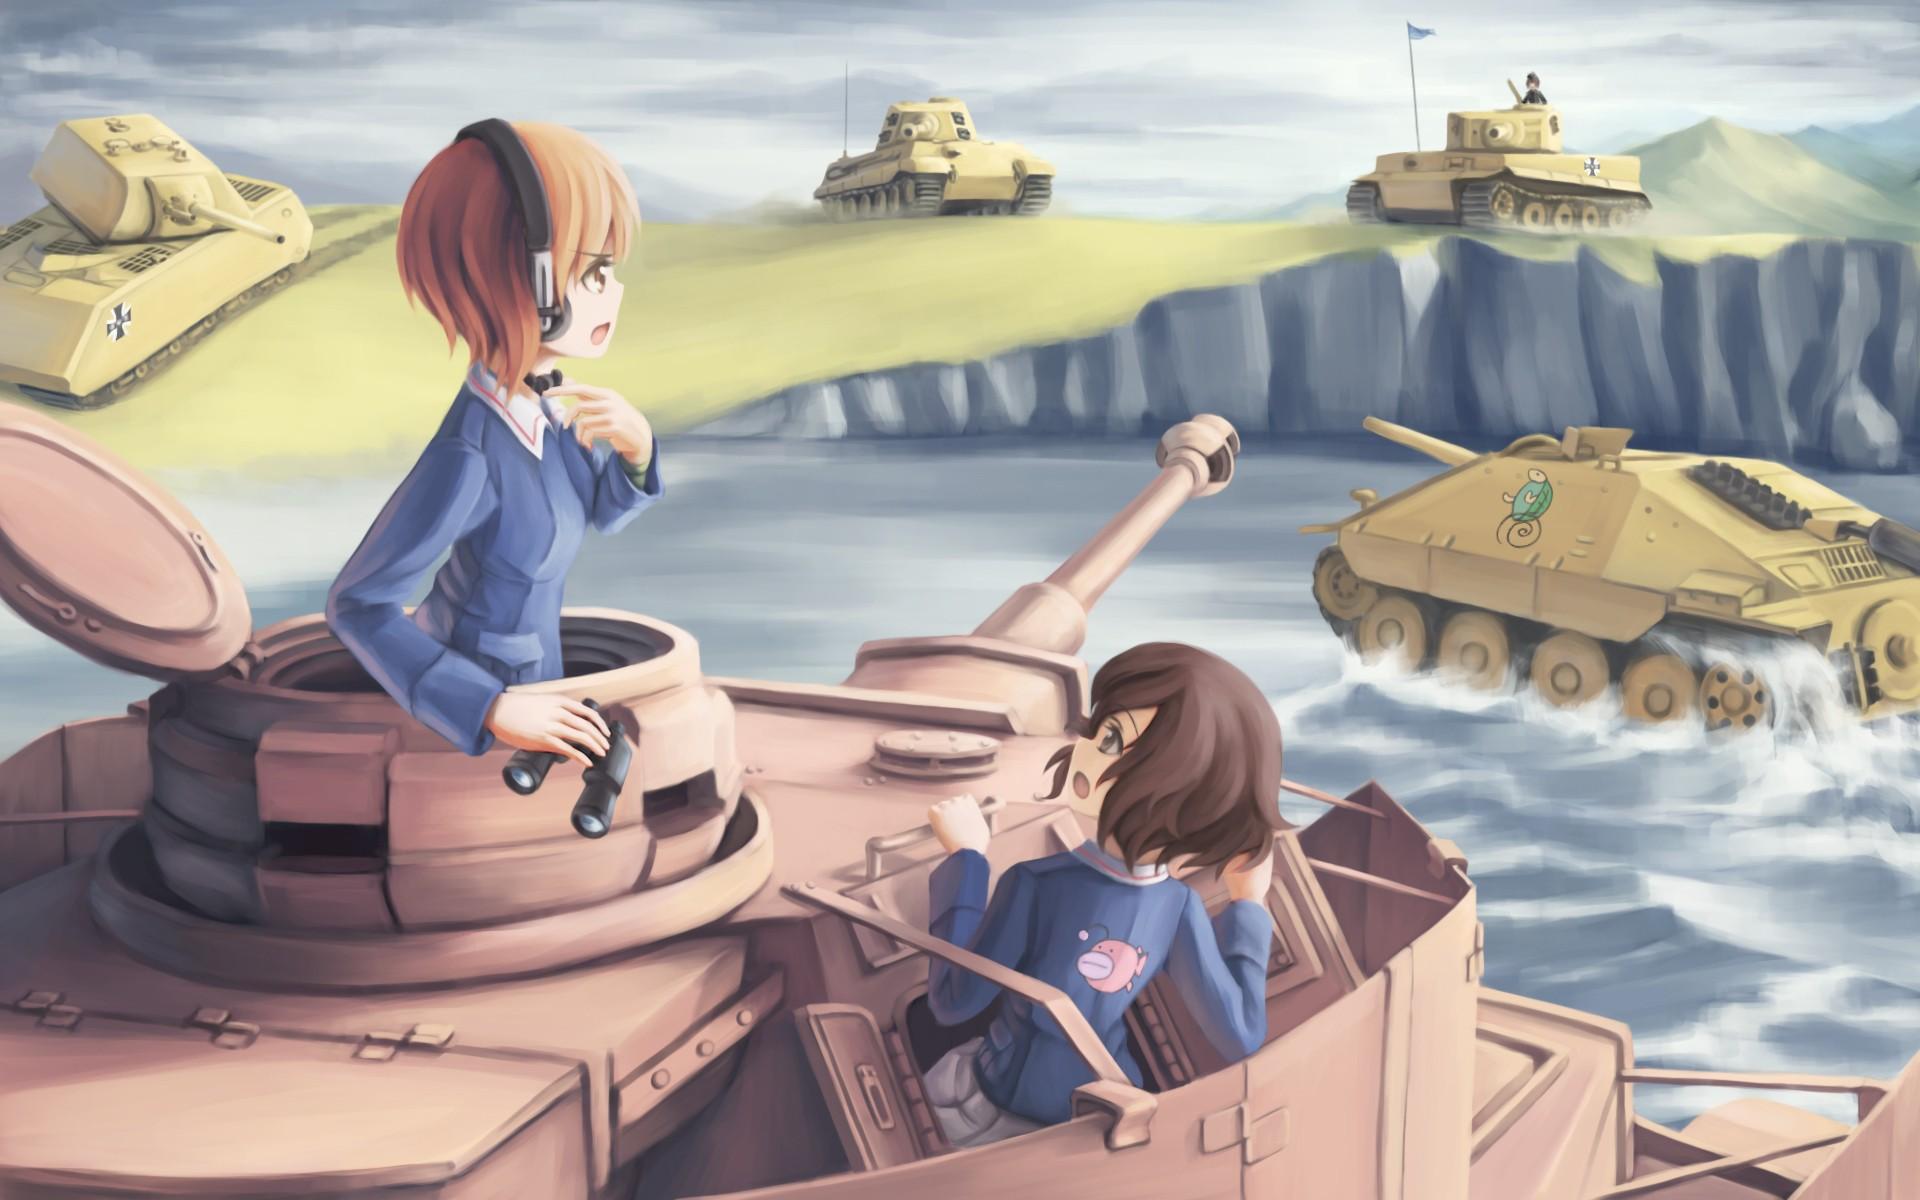 фасад картинка про илюху и танки шплинтах, набит